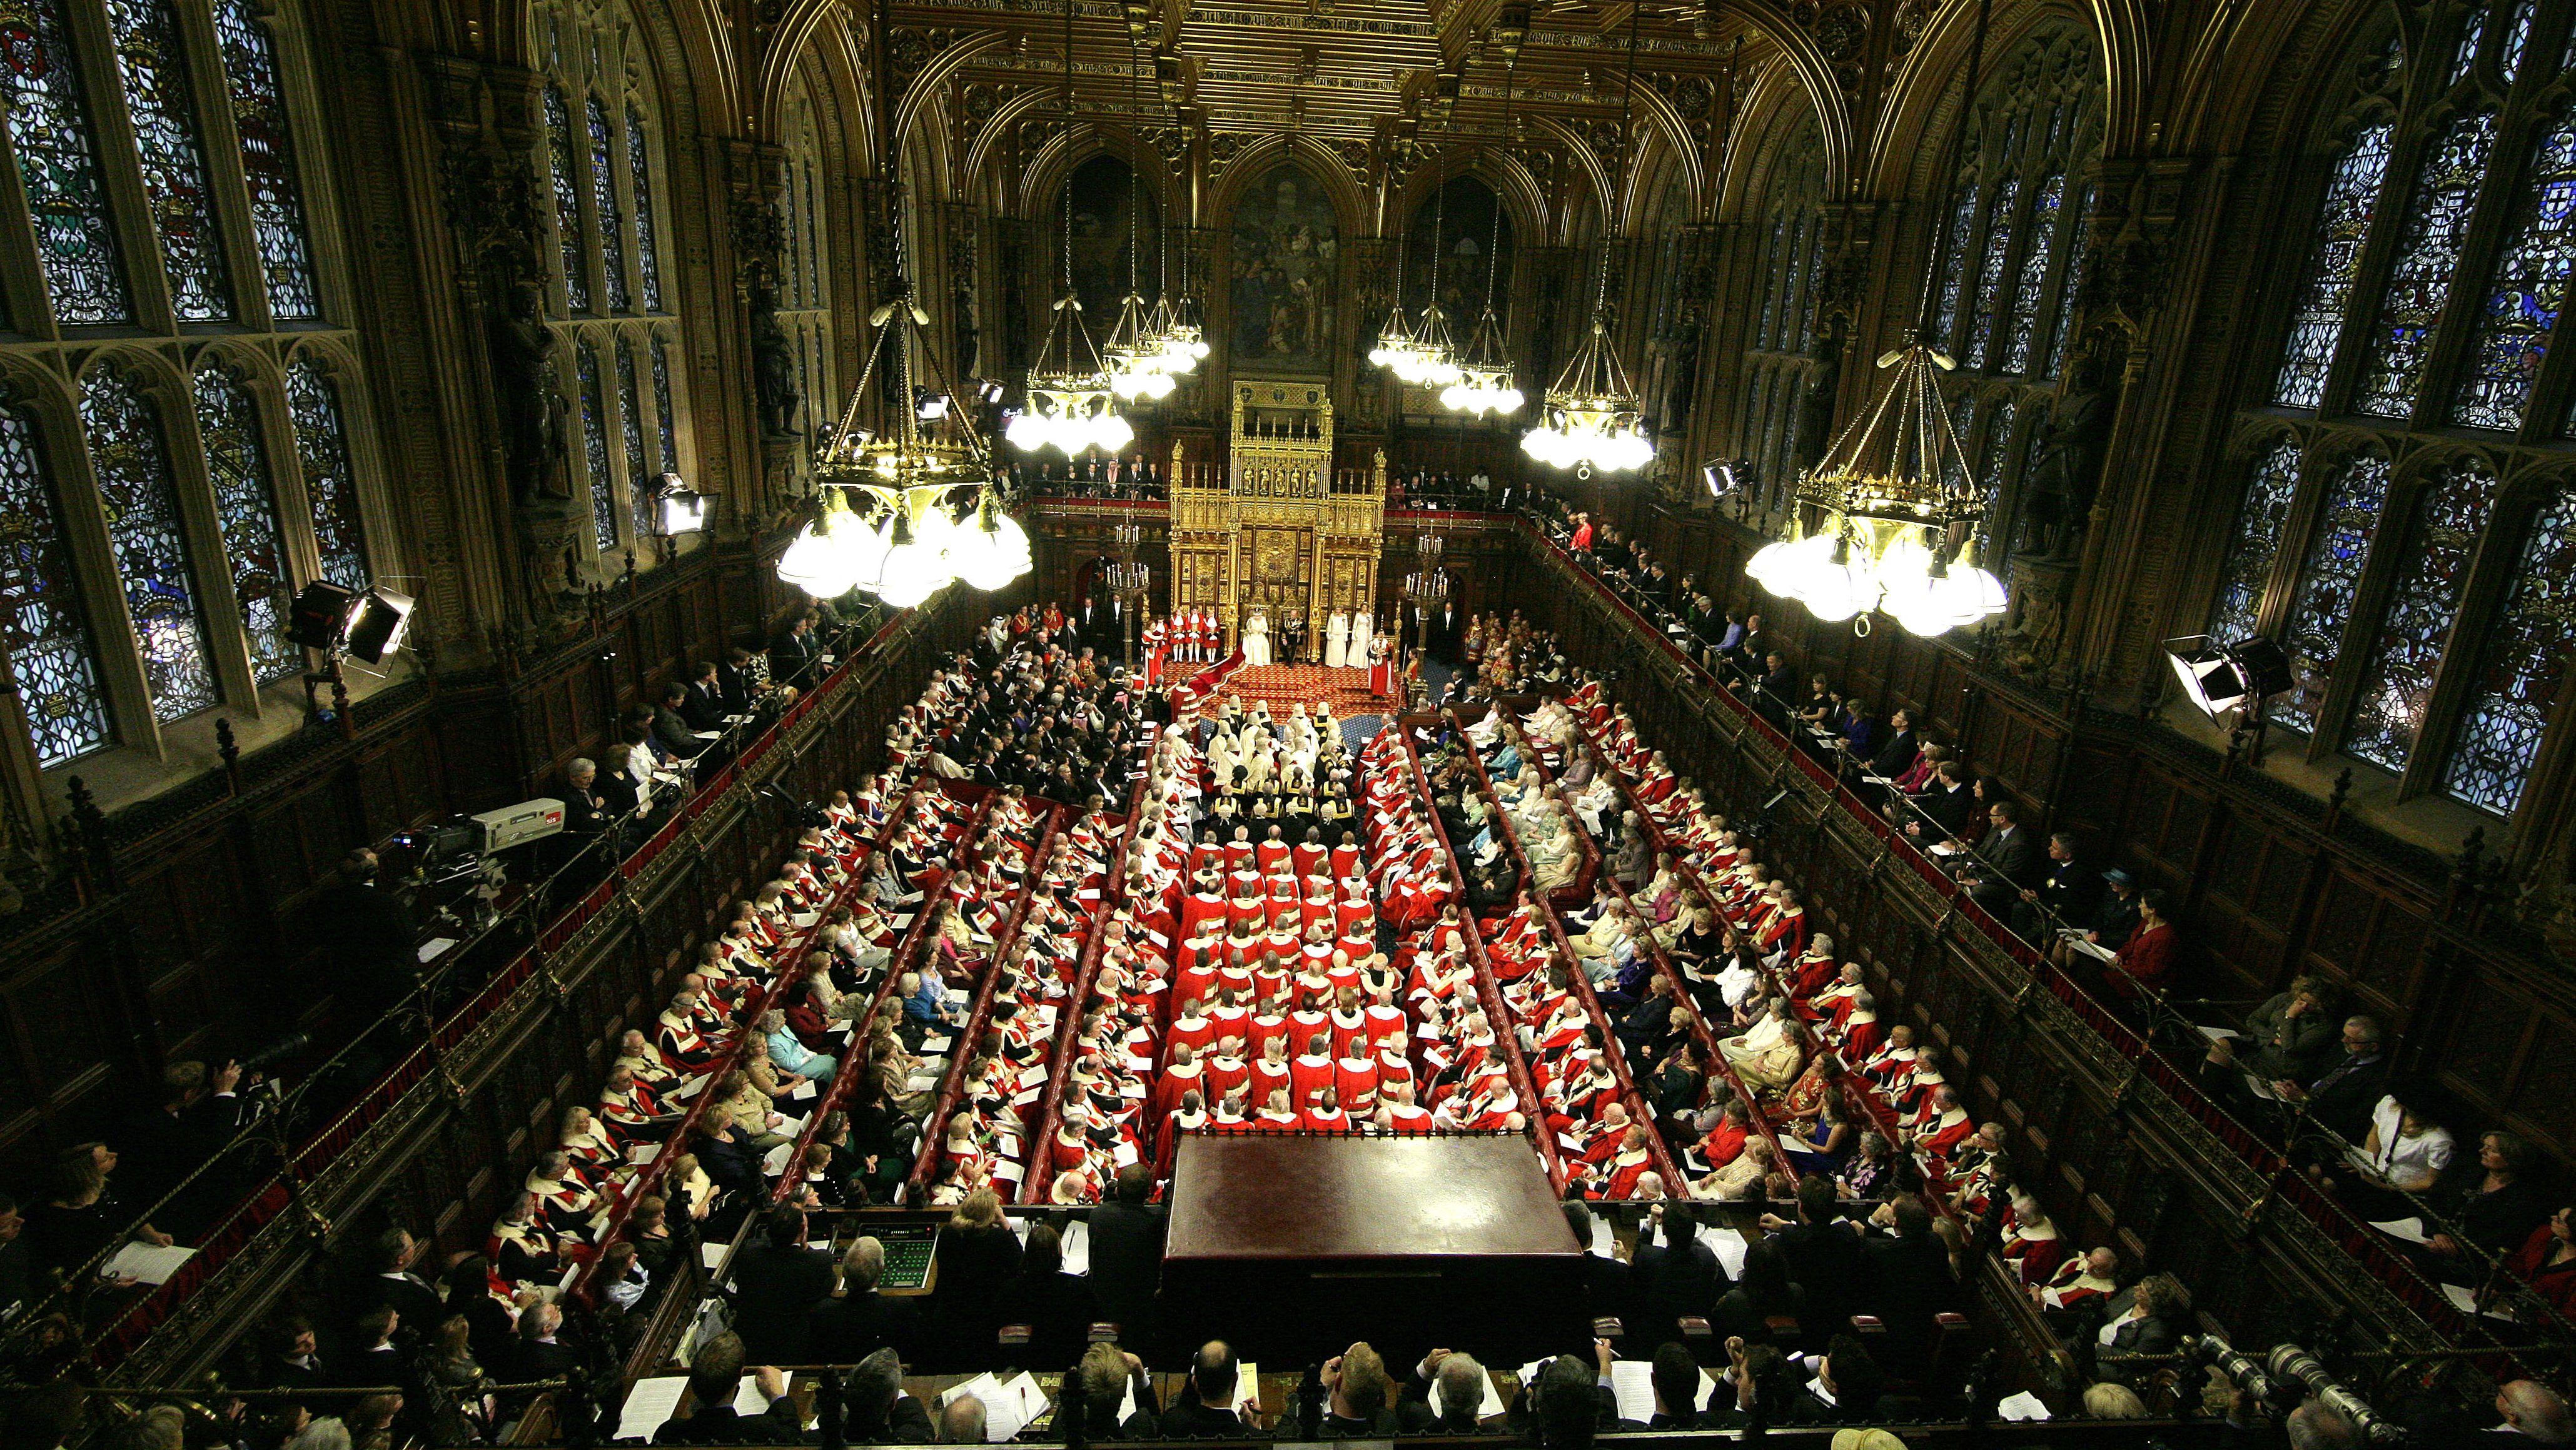 Das britischen Parlaments im House of Lords aus der Vogelperspektive: Ein großer, gothischer Saal mit hohen Bogenfenstern. Mehrere Sitzreihen an den beiden Fensterseiten und an der Hinterseite. In der Mitte Stehplätze mit den den einheitlich in rot gekleideten Lords. An der Stirnseite der Thron der Queen.